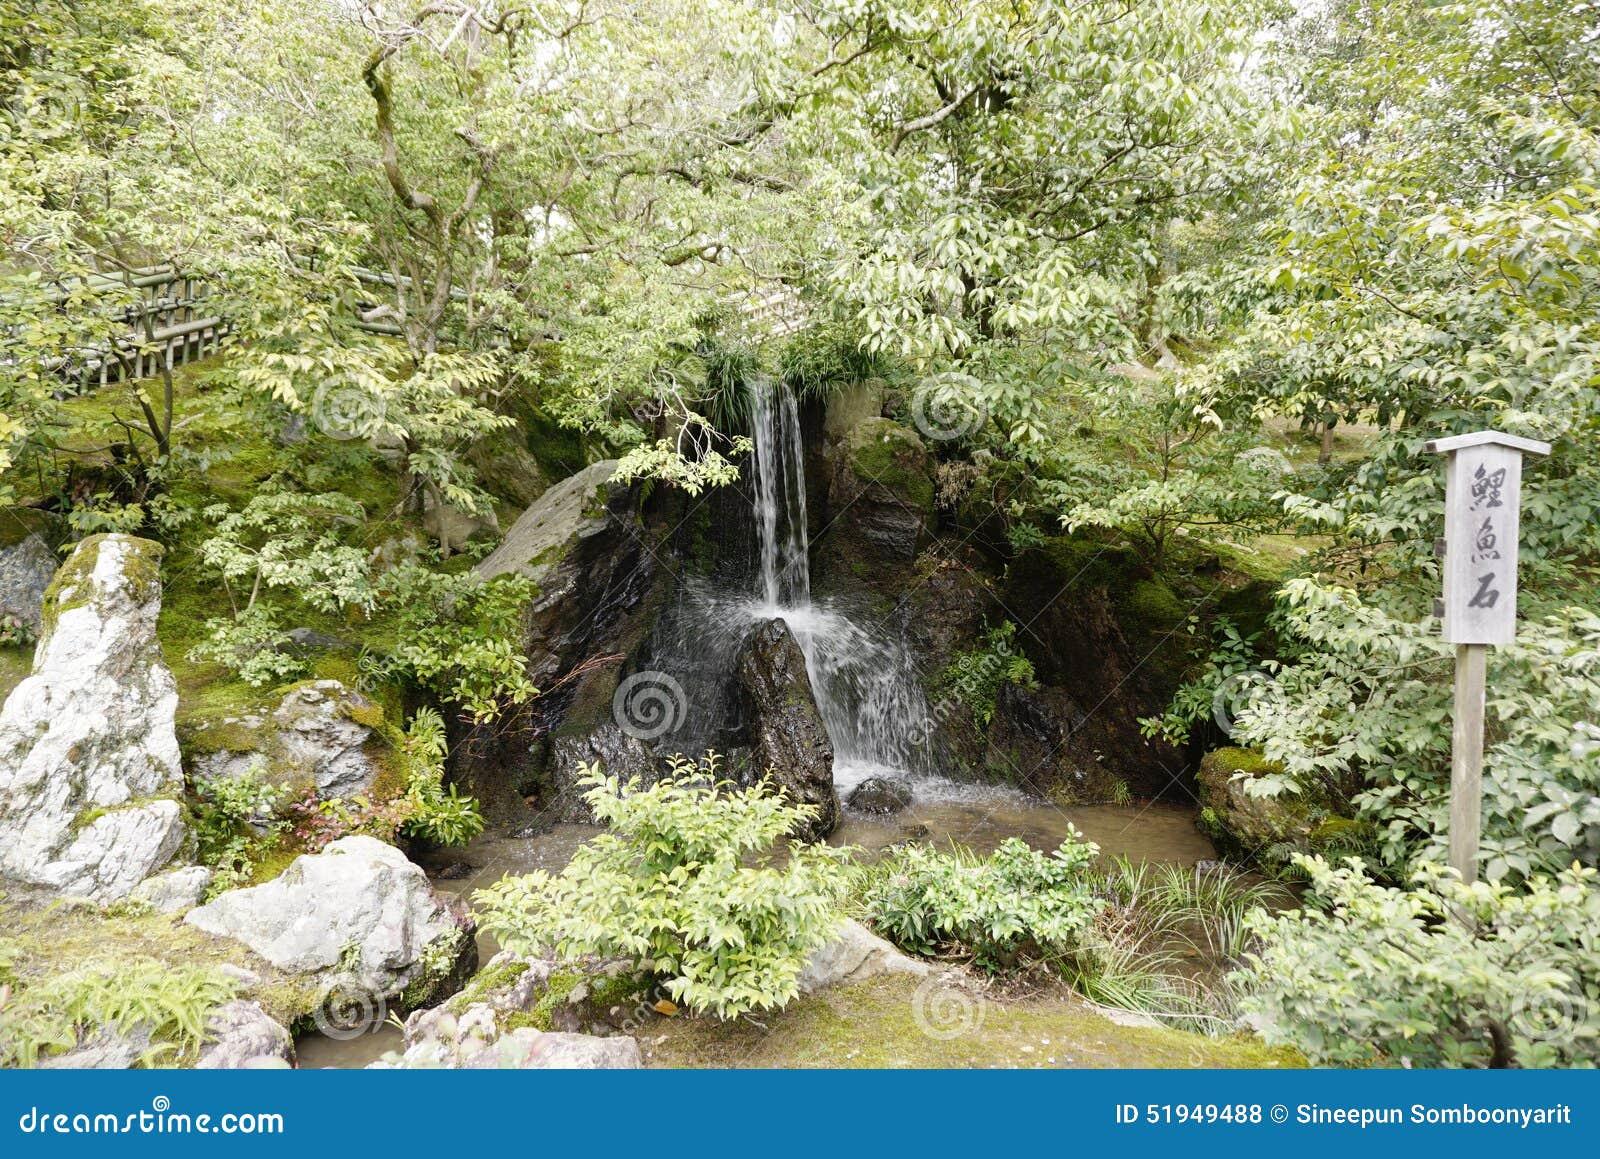 Kleiner Naturlicher Wasserfall Im Zengarten Stockfoto Bild Von